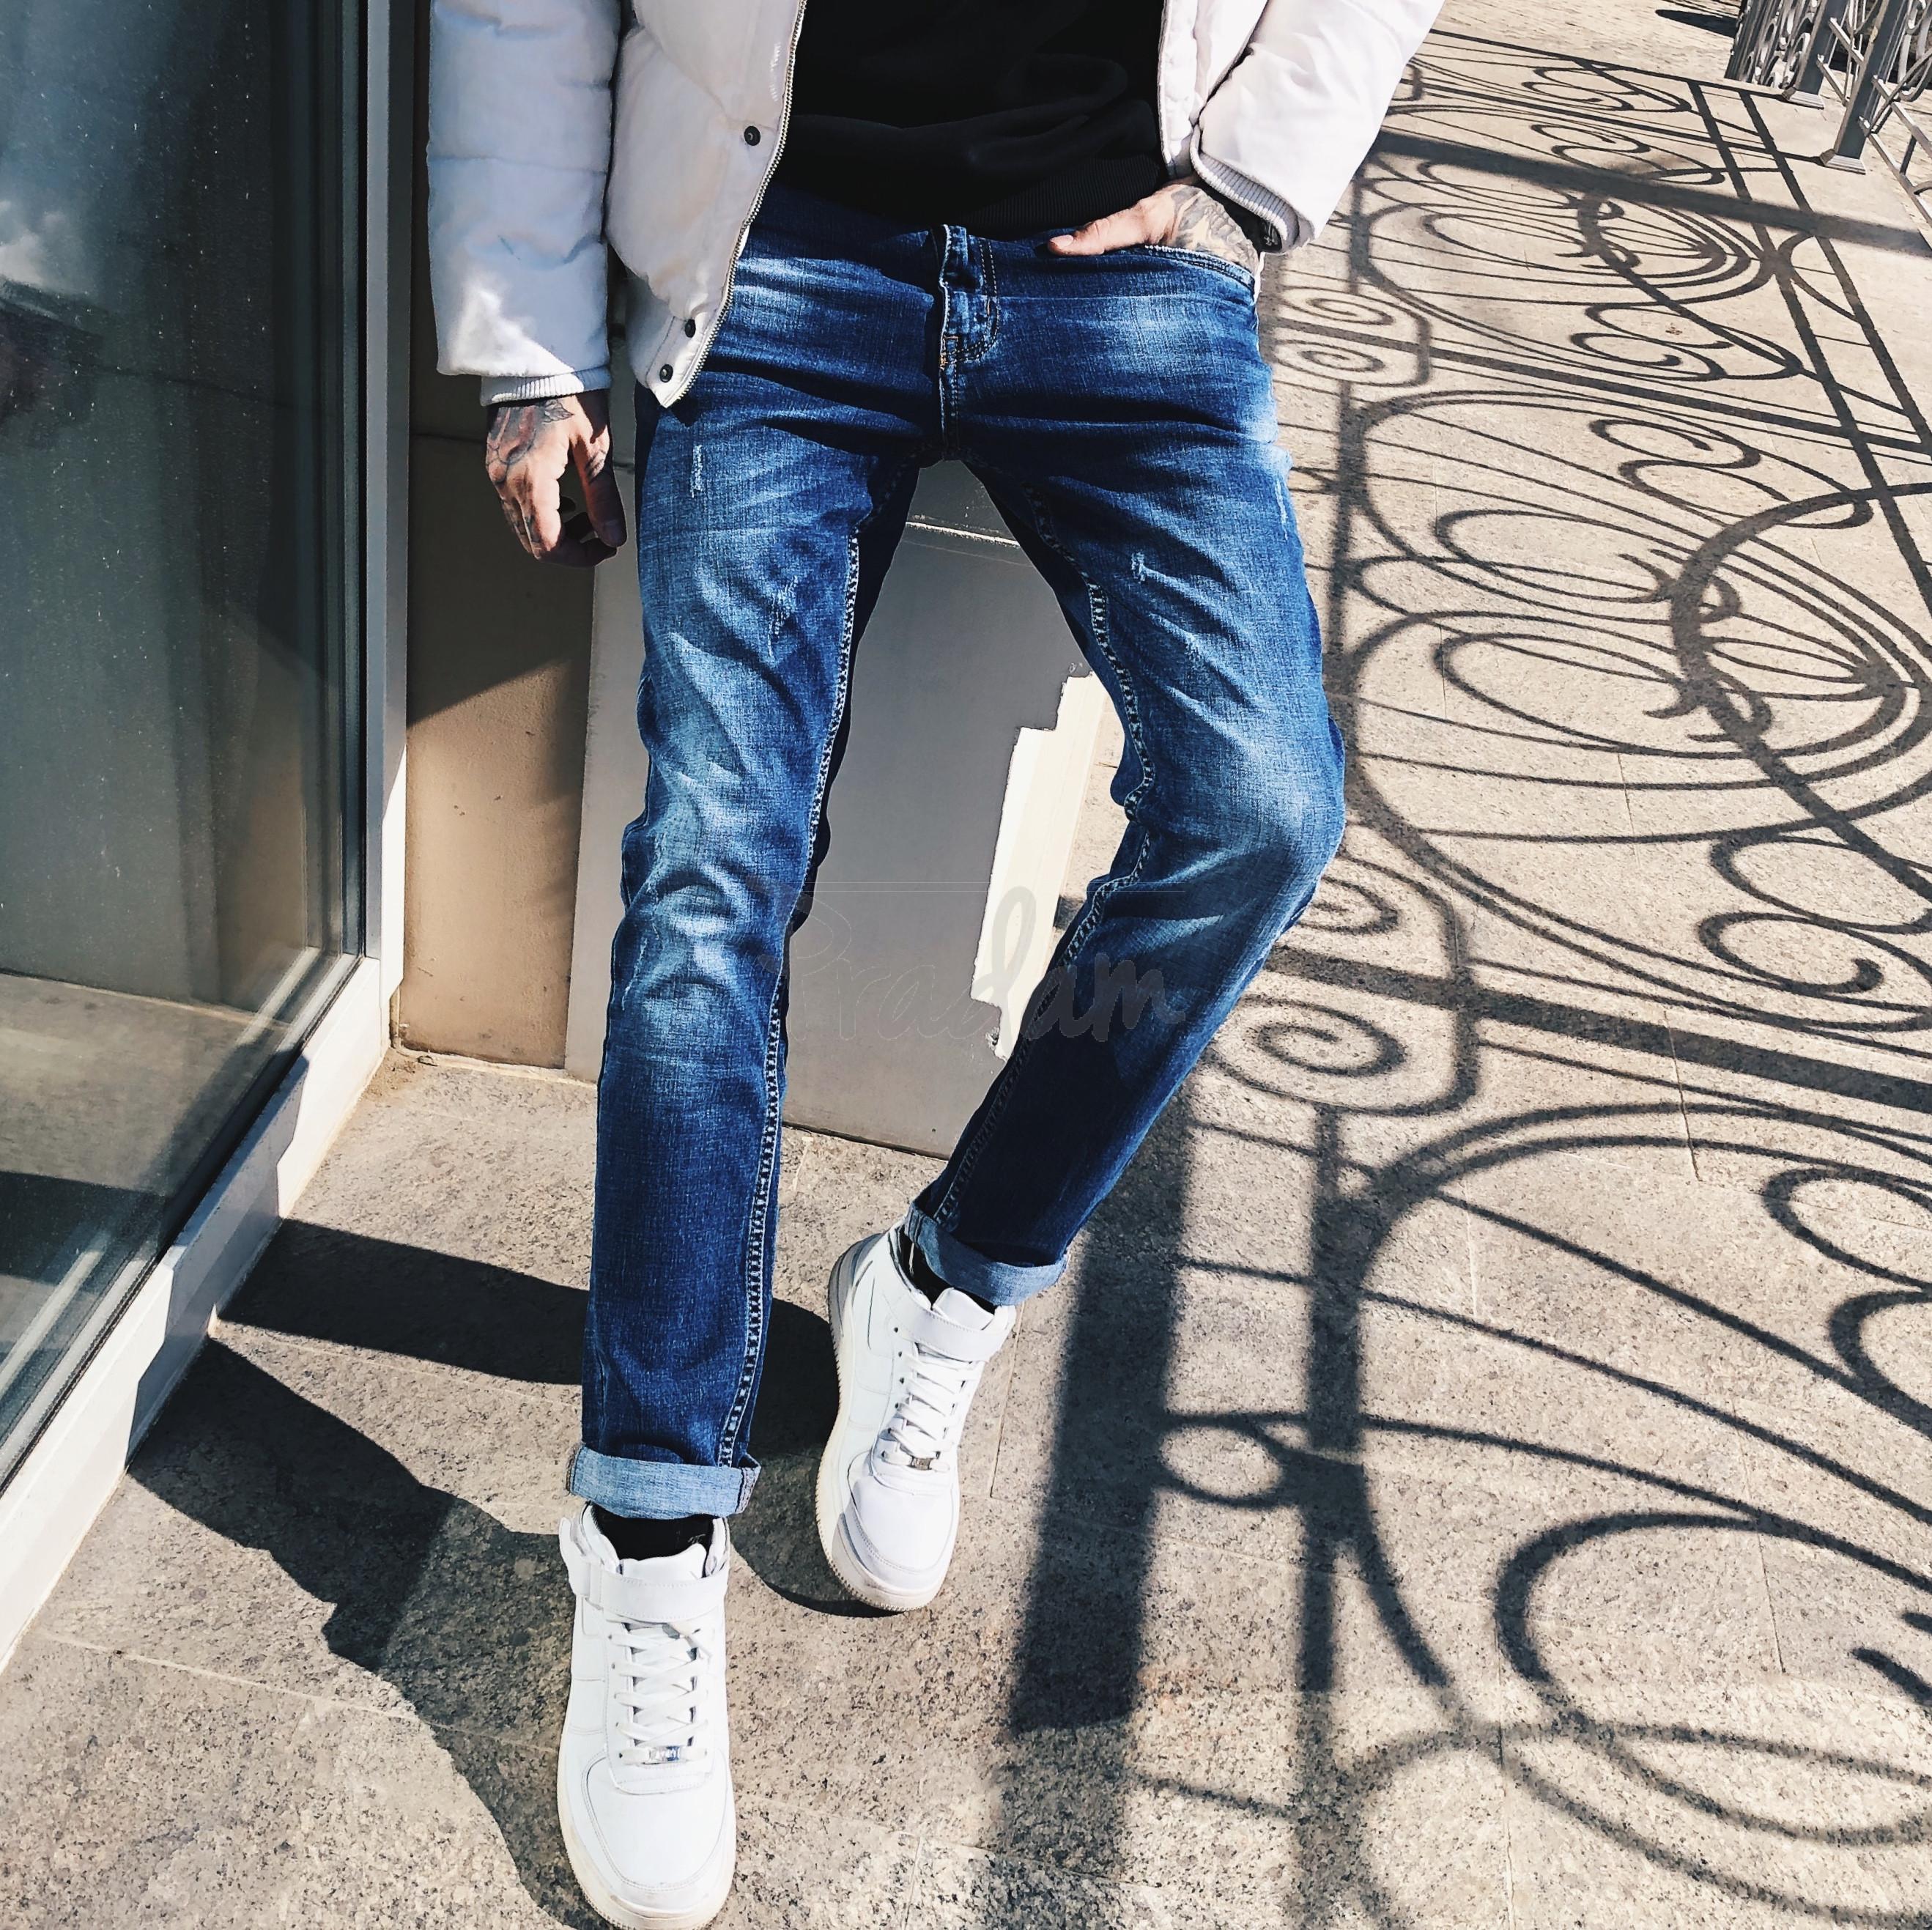 8005 Resalsa джинсы мужские молодежные с царапками весенние стрейчевые (27-2,28-2,29-2, 6 ед.)